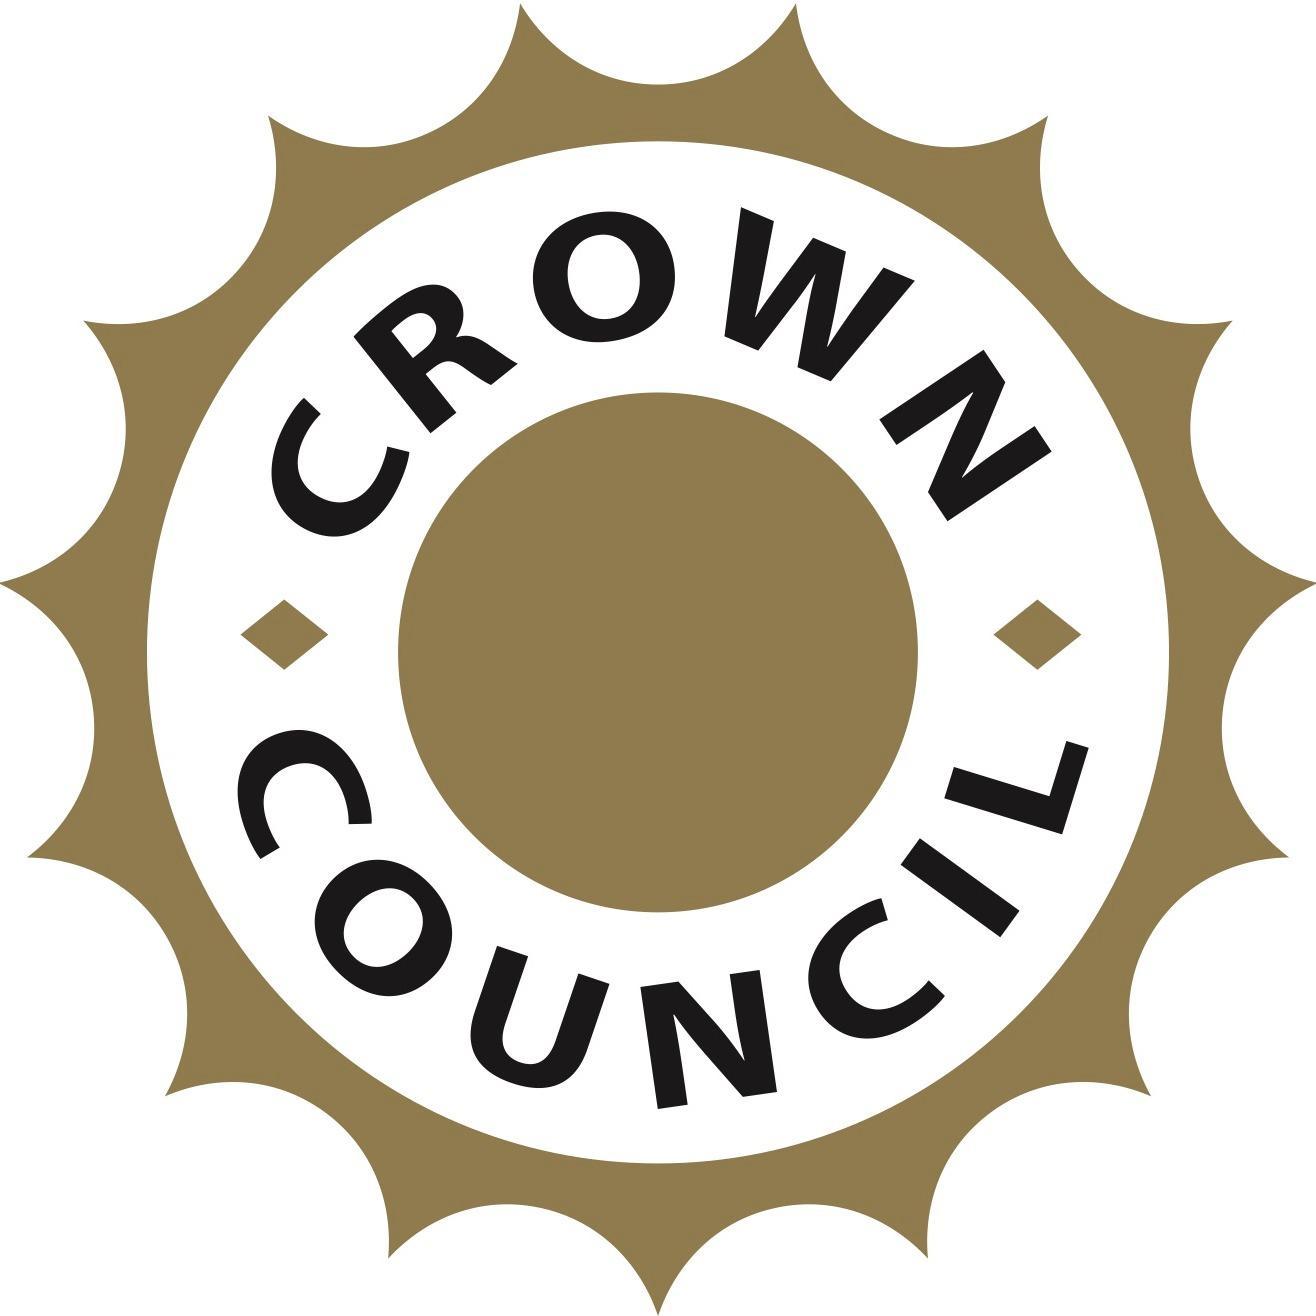 Crown Council Inc